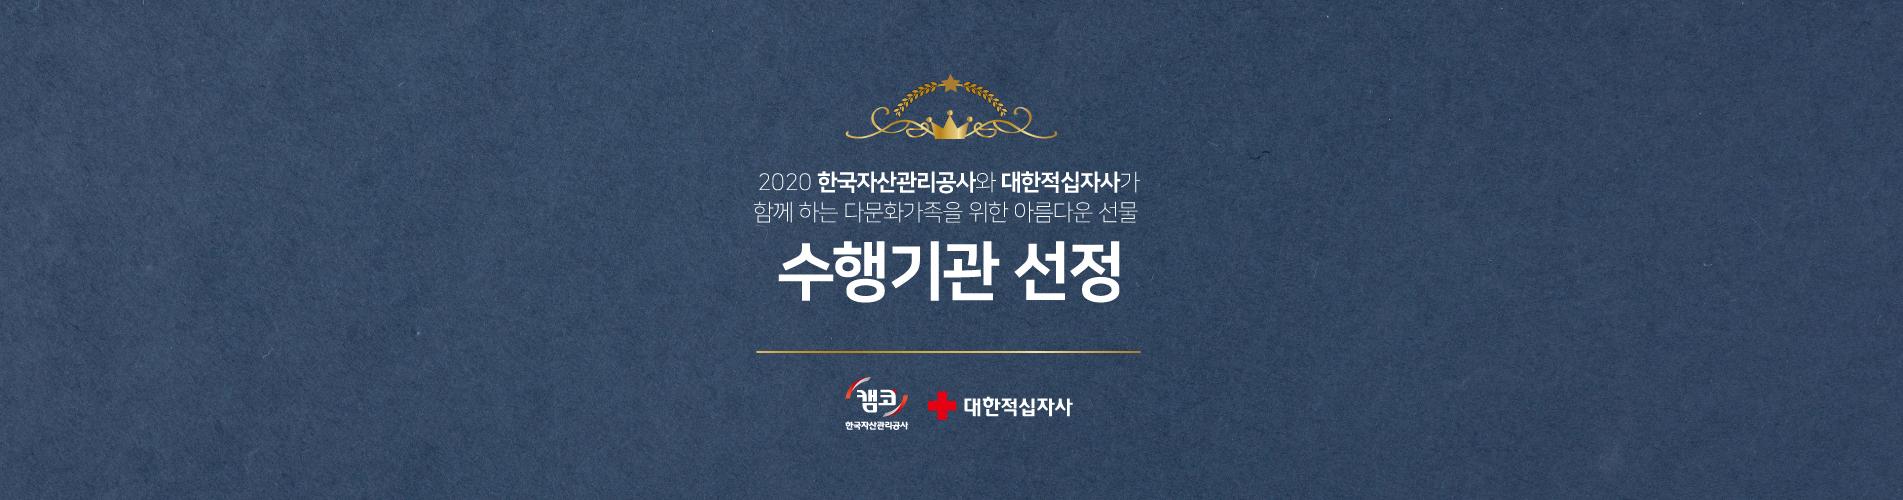 메인배너1-한국자산관리공사(캠코) X 대한적십자사『다문화가족을 위한 아름다운 선물』수행기관선정